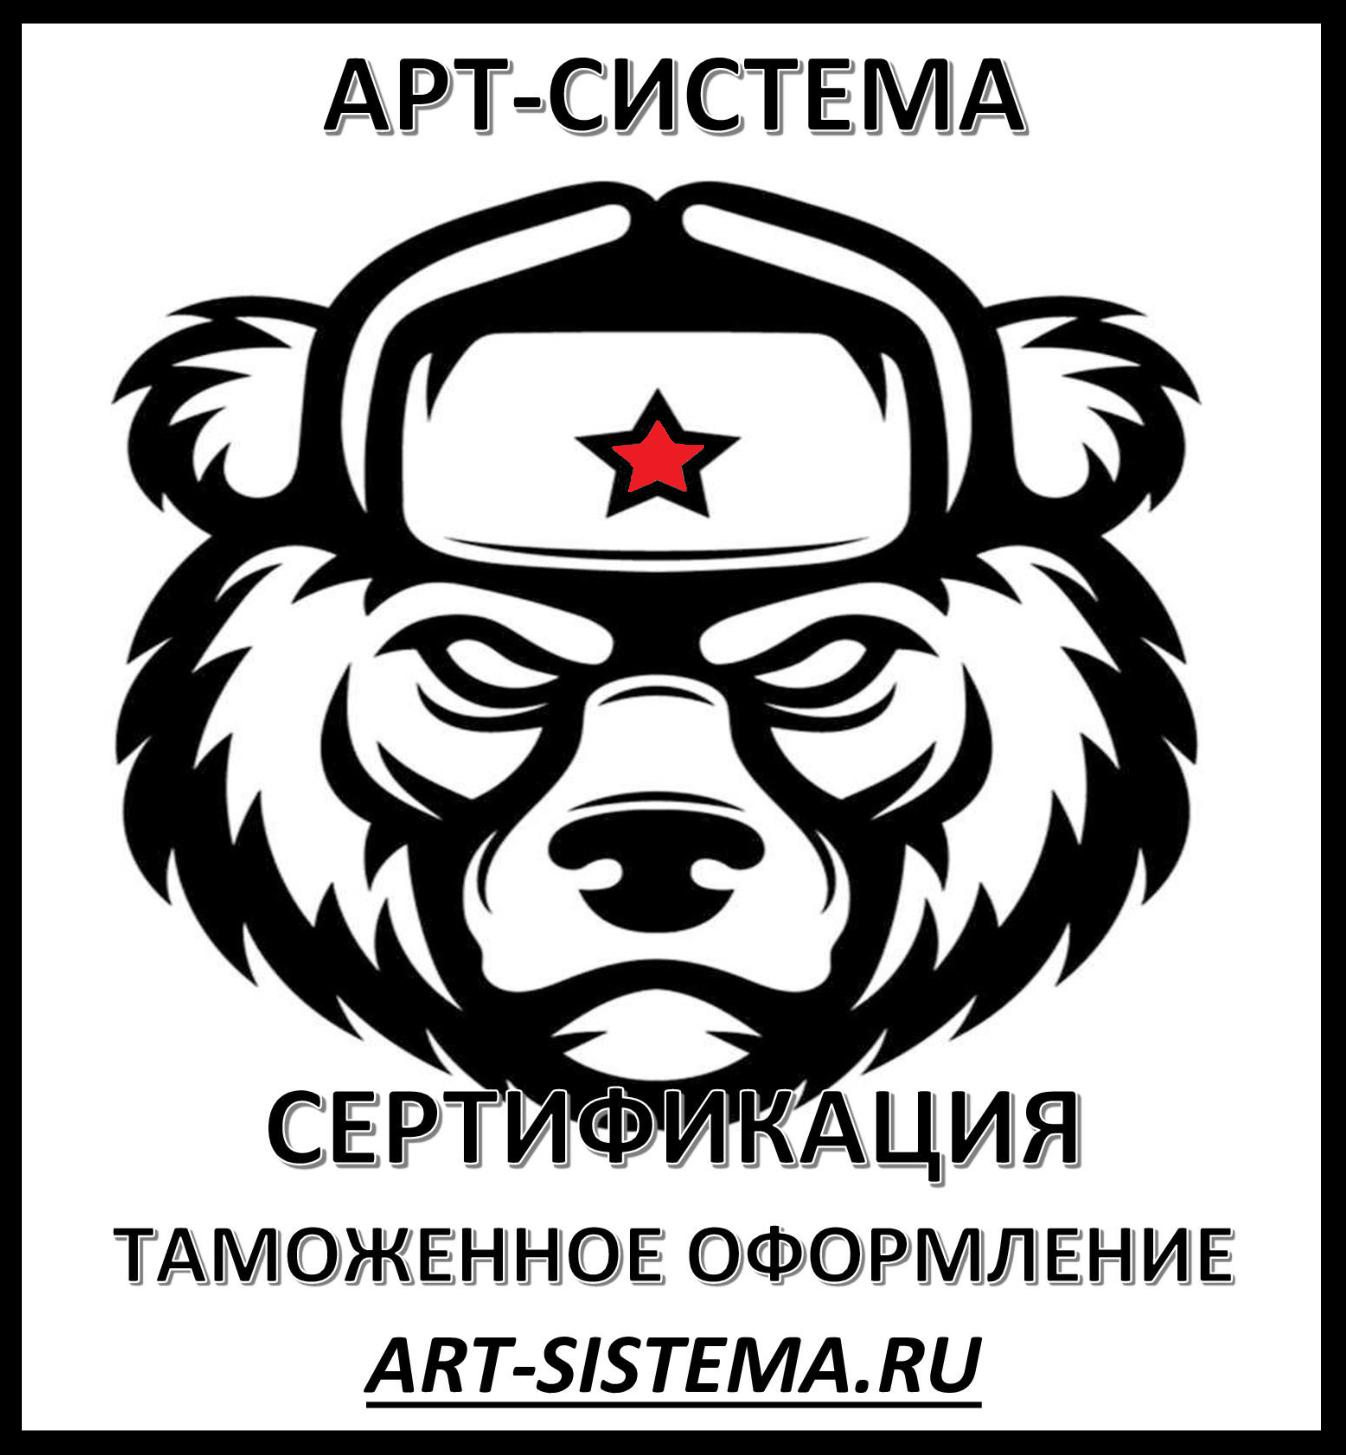 АРТ-СИСТЕМА